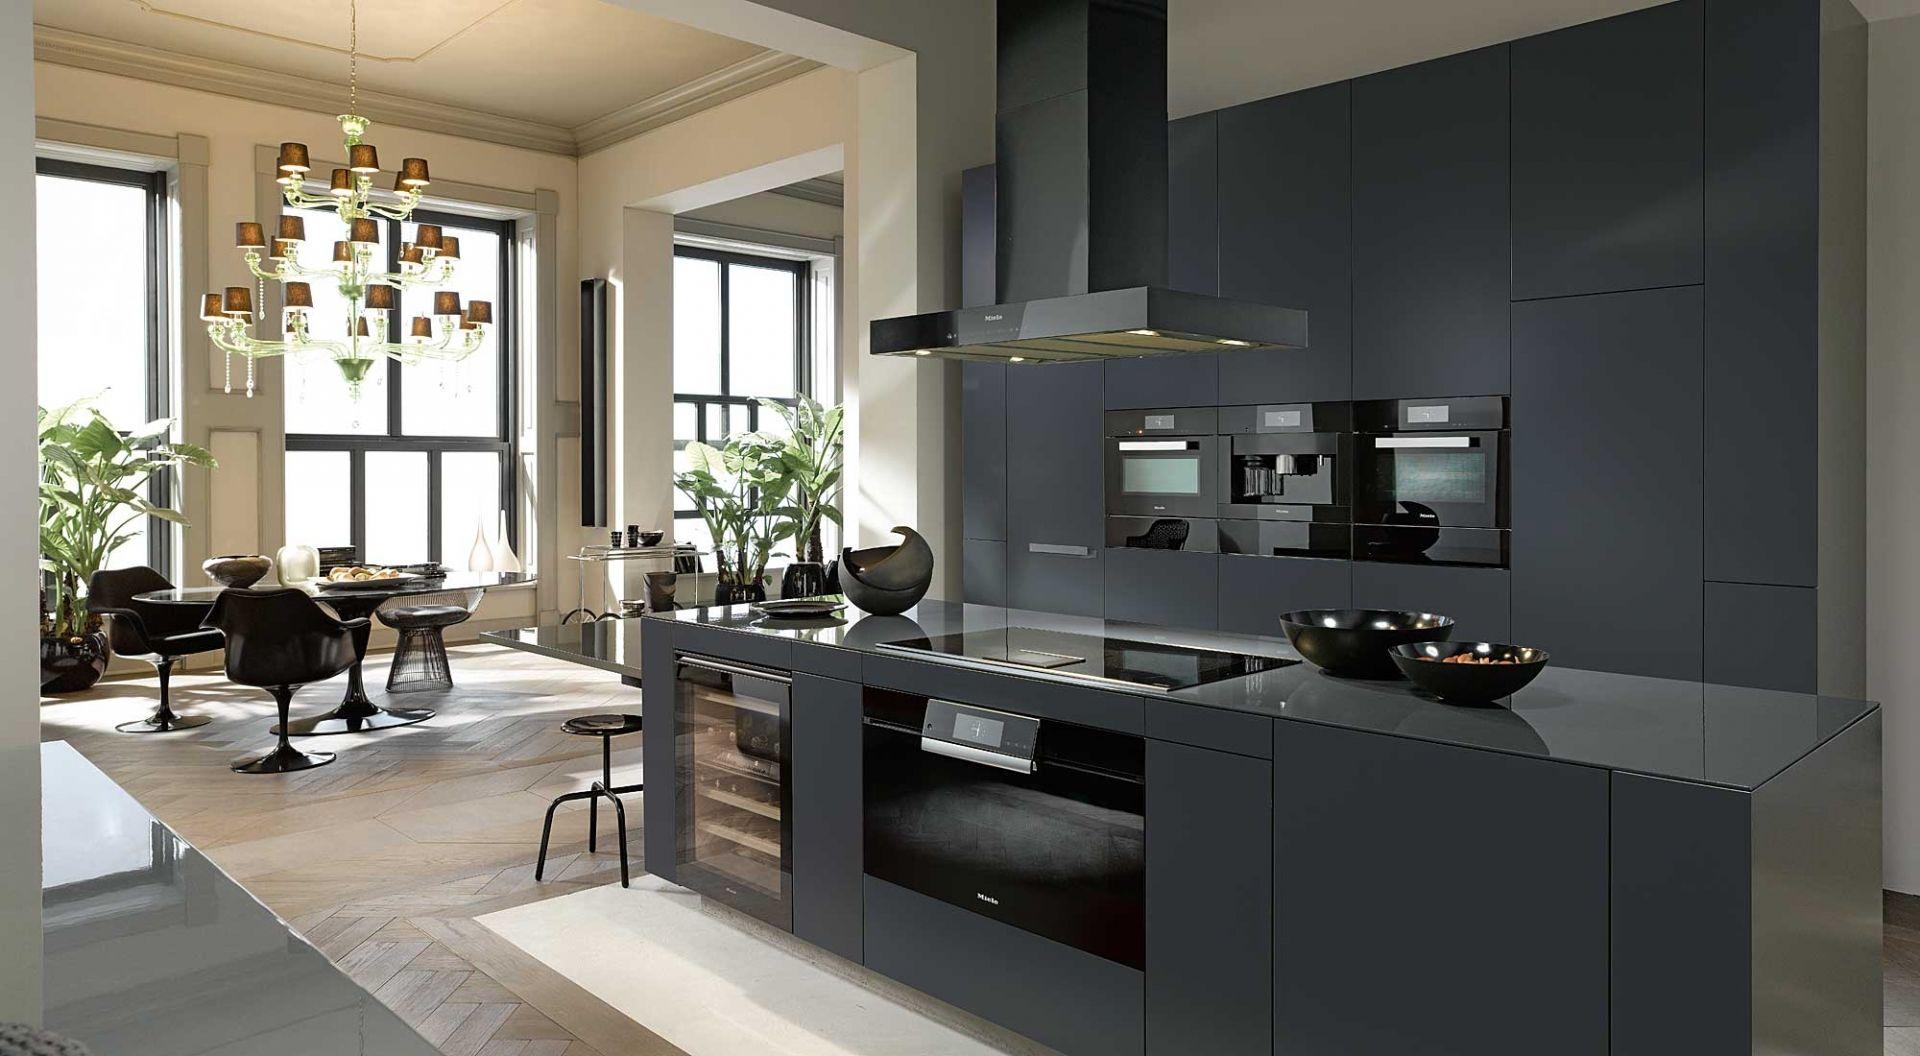 Keuken Kookeiland Zwart : Zwarte woonkeuken met kookeiland en miele keukenapparaten miele